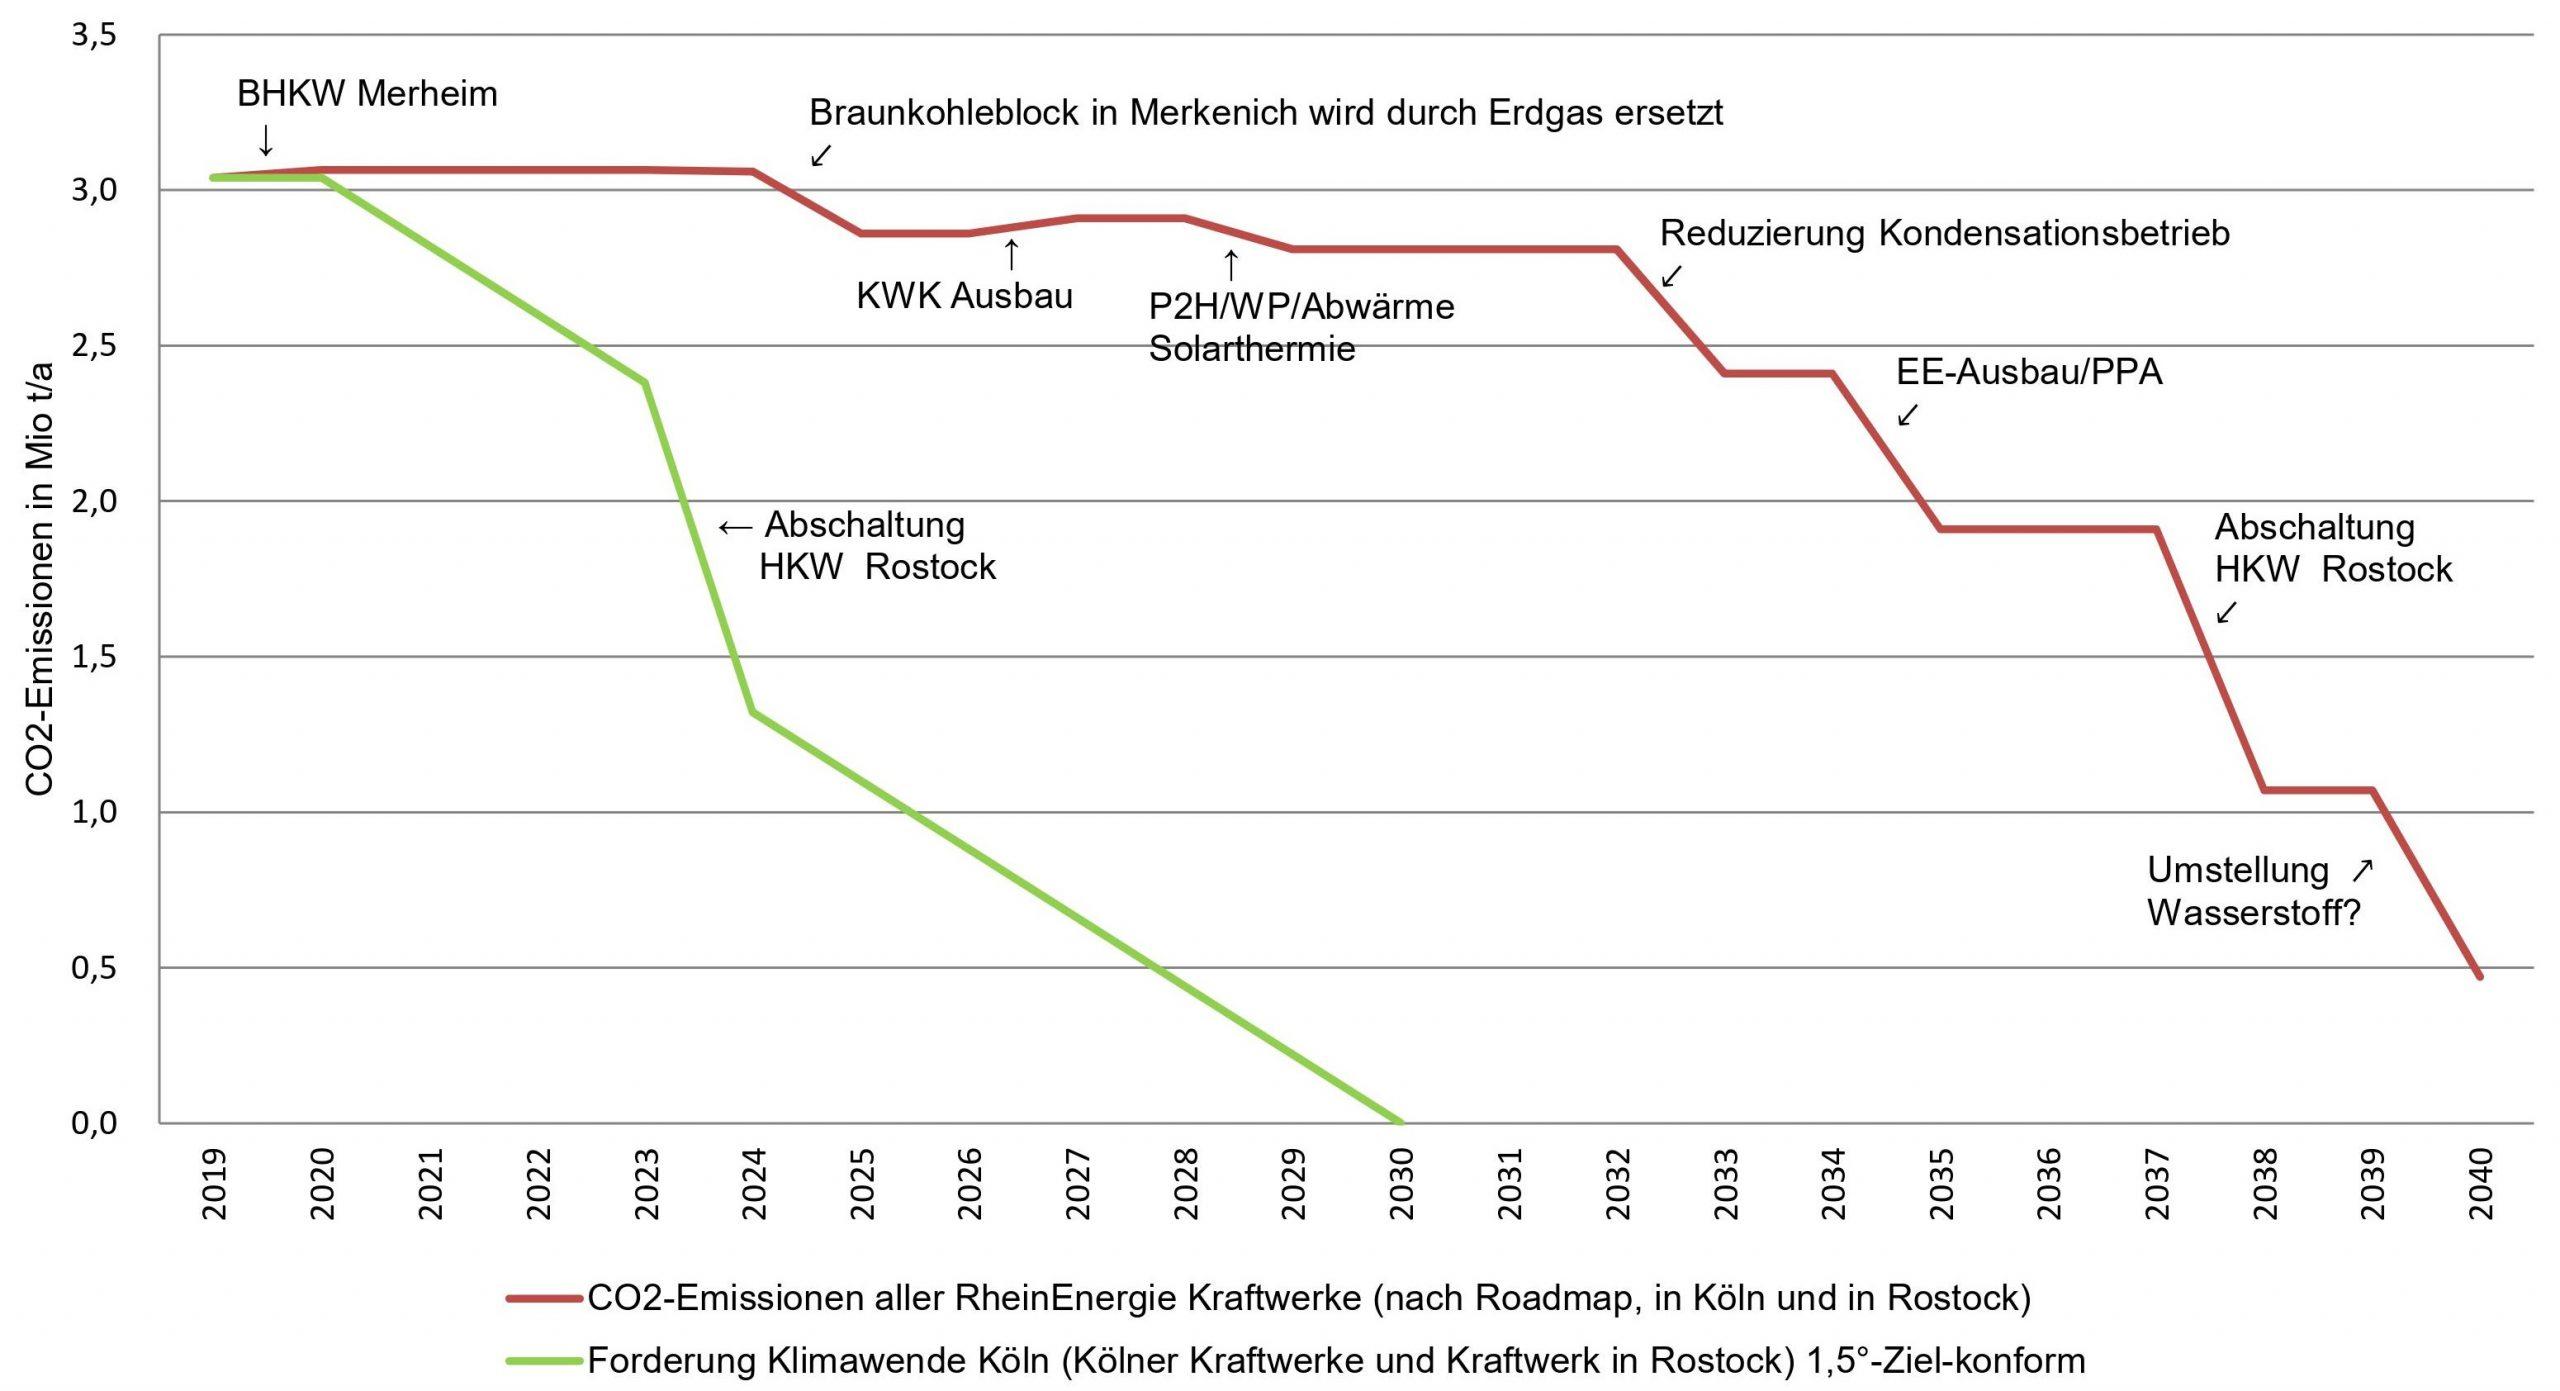 CO2-Emissionen der RheinEnergie